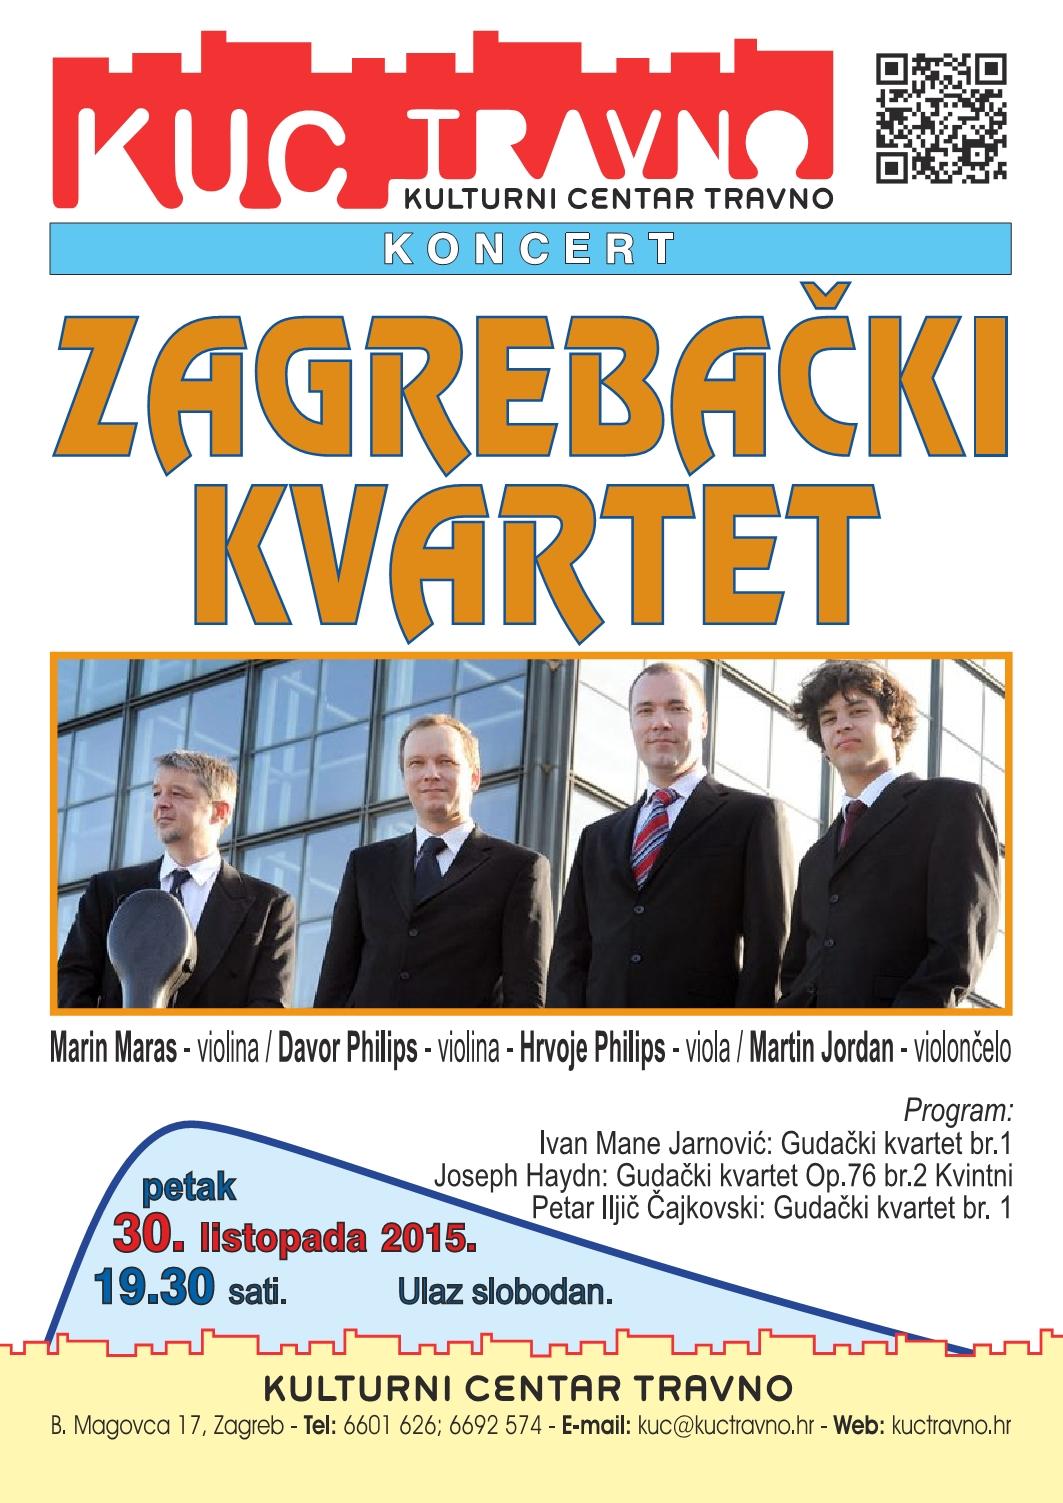 zagrebackiKvartetr